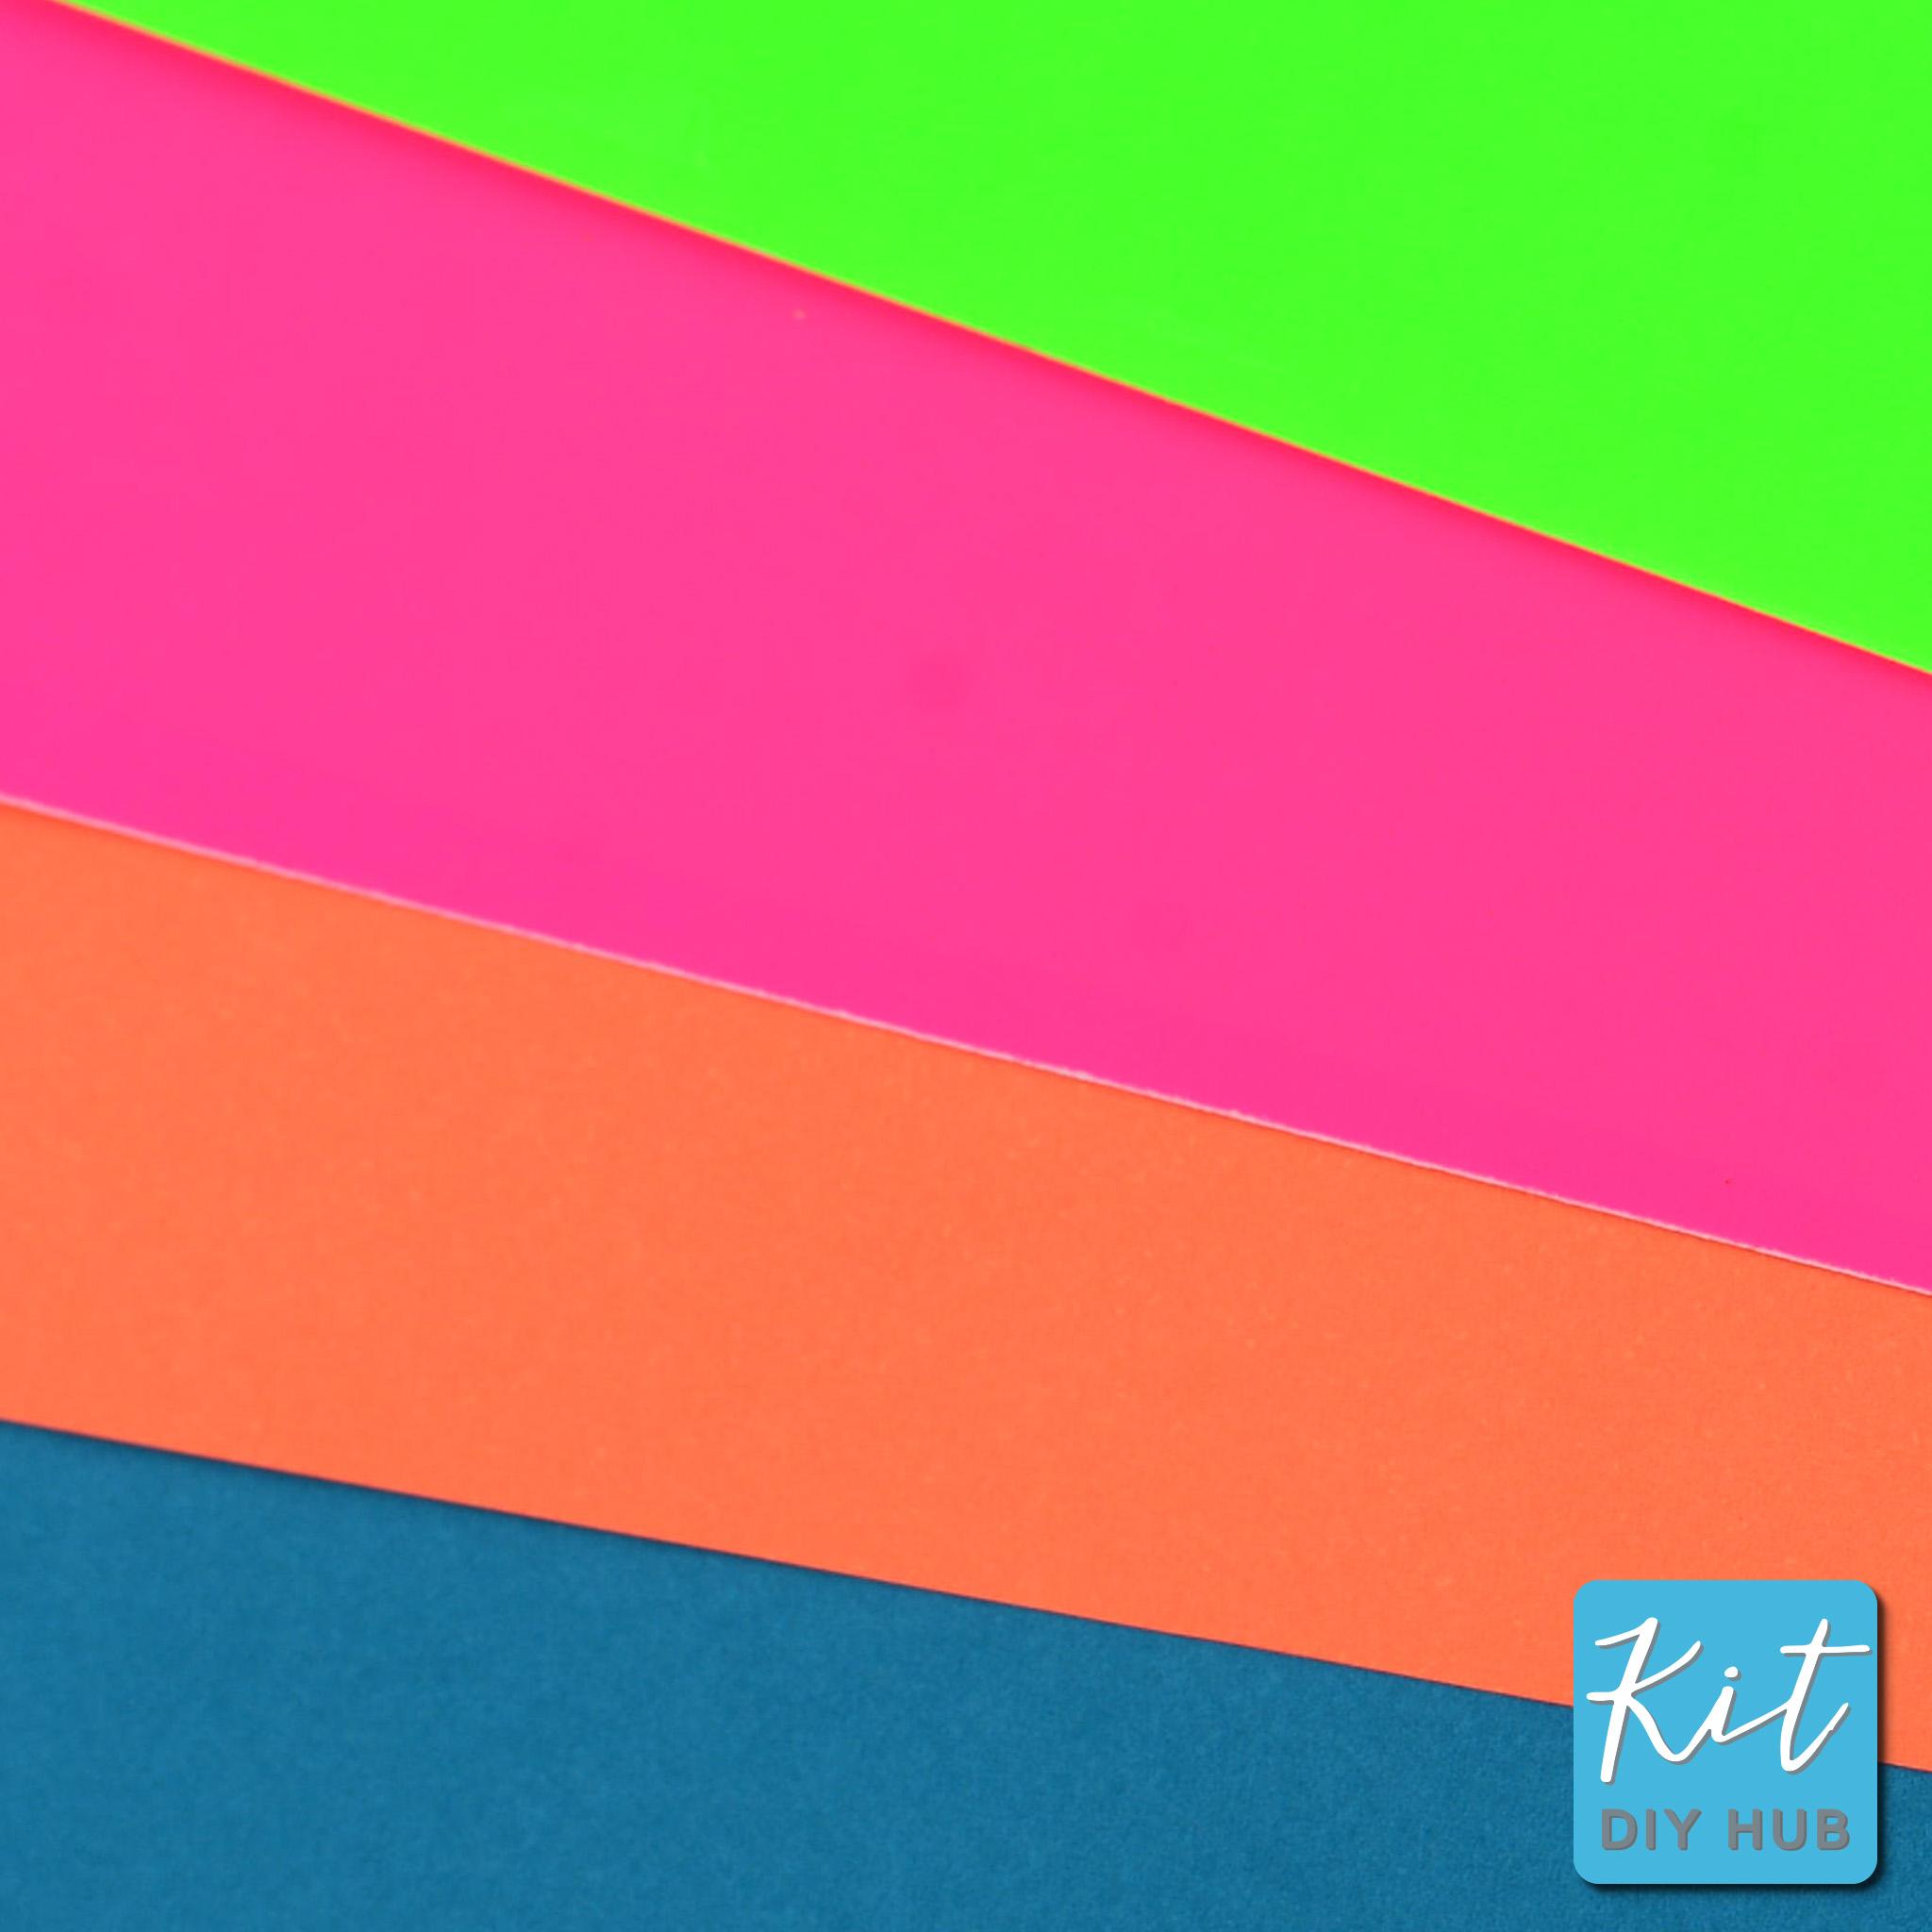 สติ๊กเกอร์สะท้อนแสง 4 สี